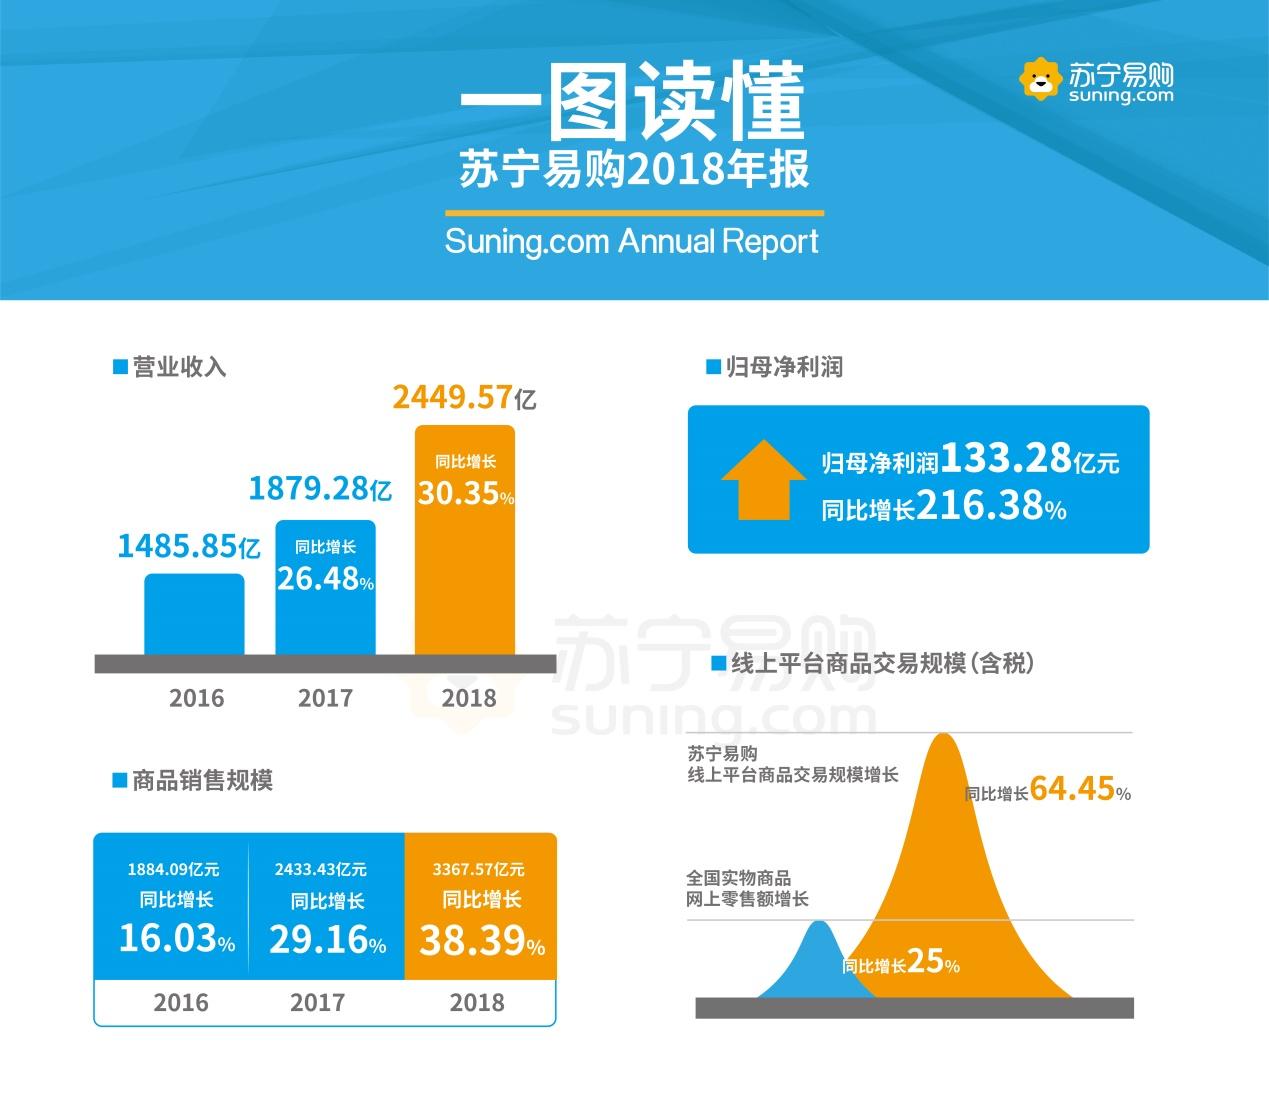 苏宁易购2018年年报:营业收入2450亿元 同比增长30.35%